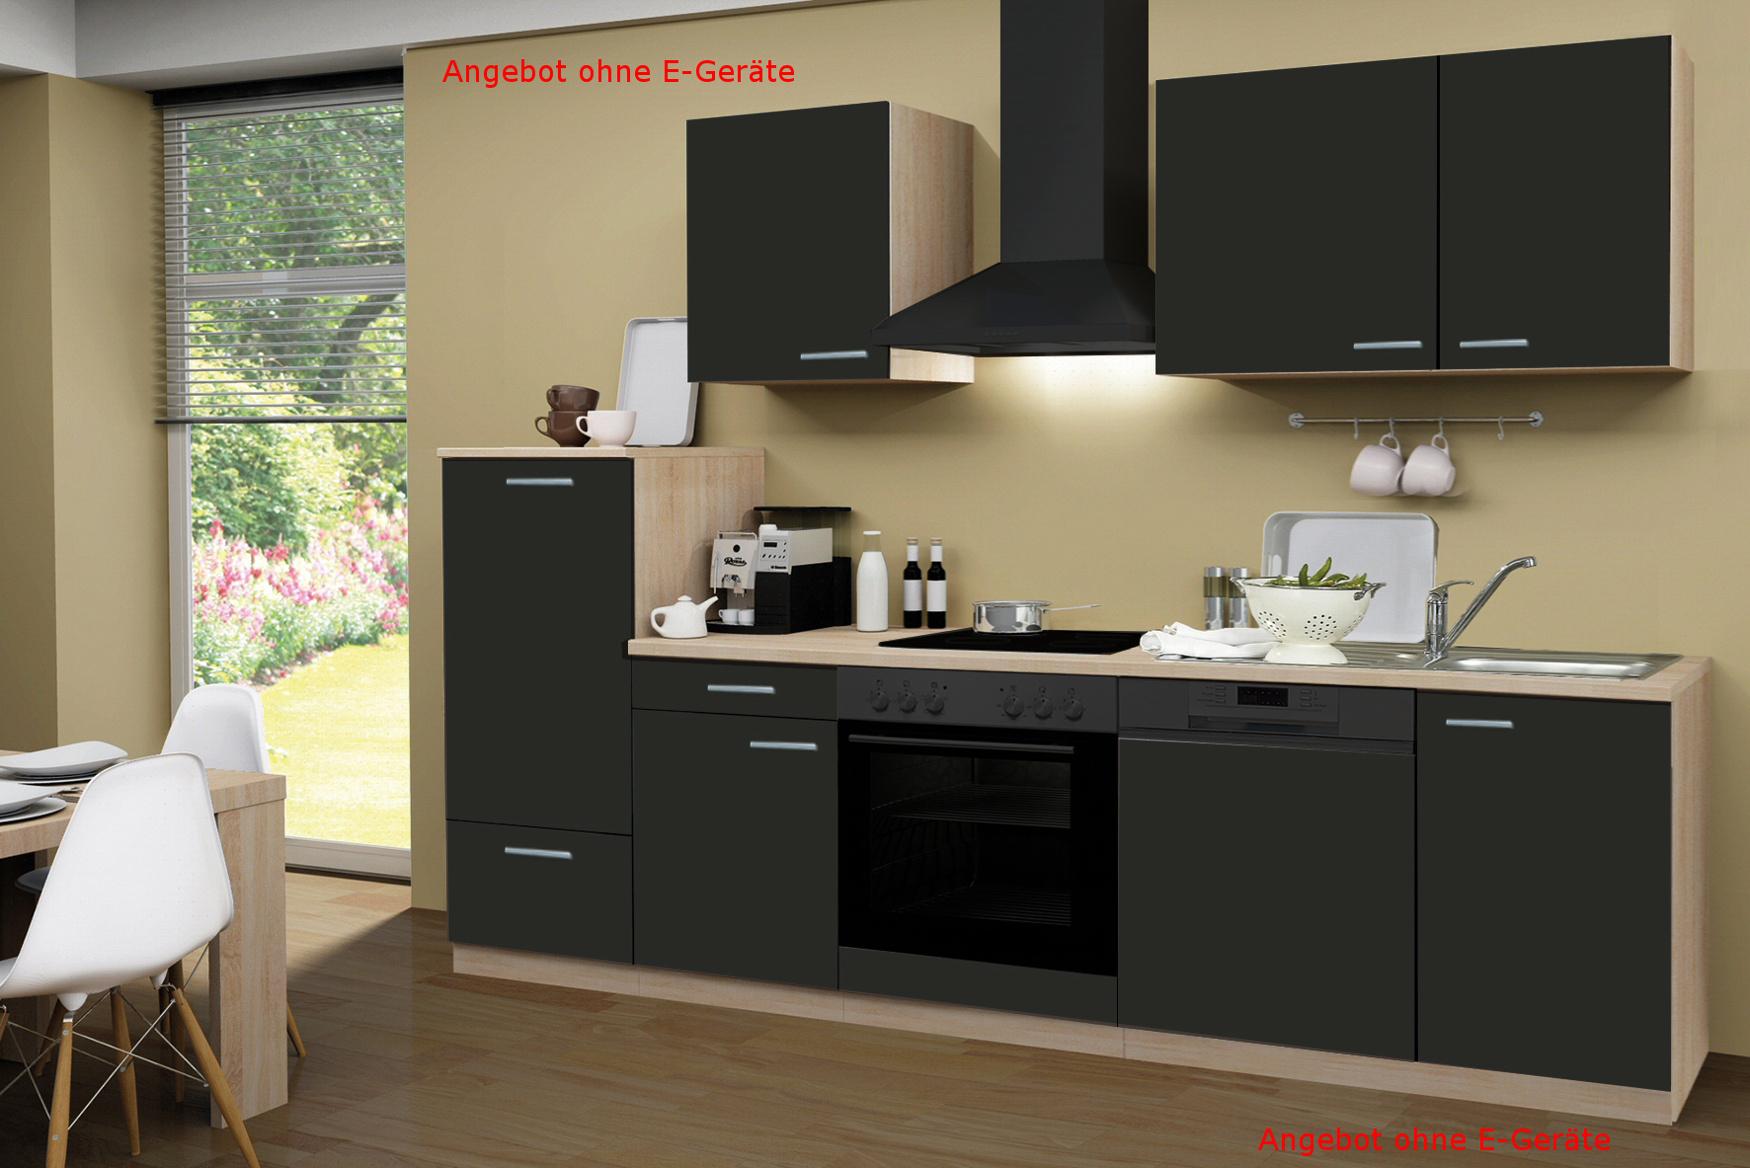 Details zu Küche ohne Elektrogeräte Küchenzeile ohne Geräte Einbauküche 280  cm schoko-braun